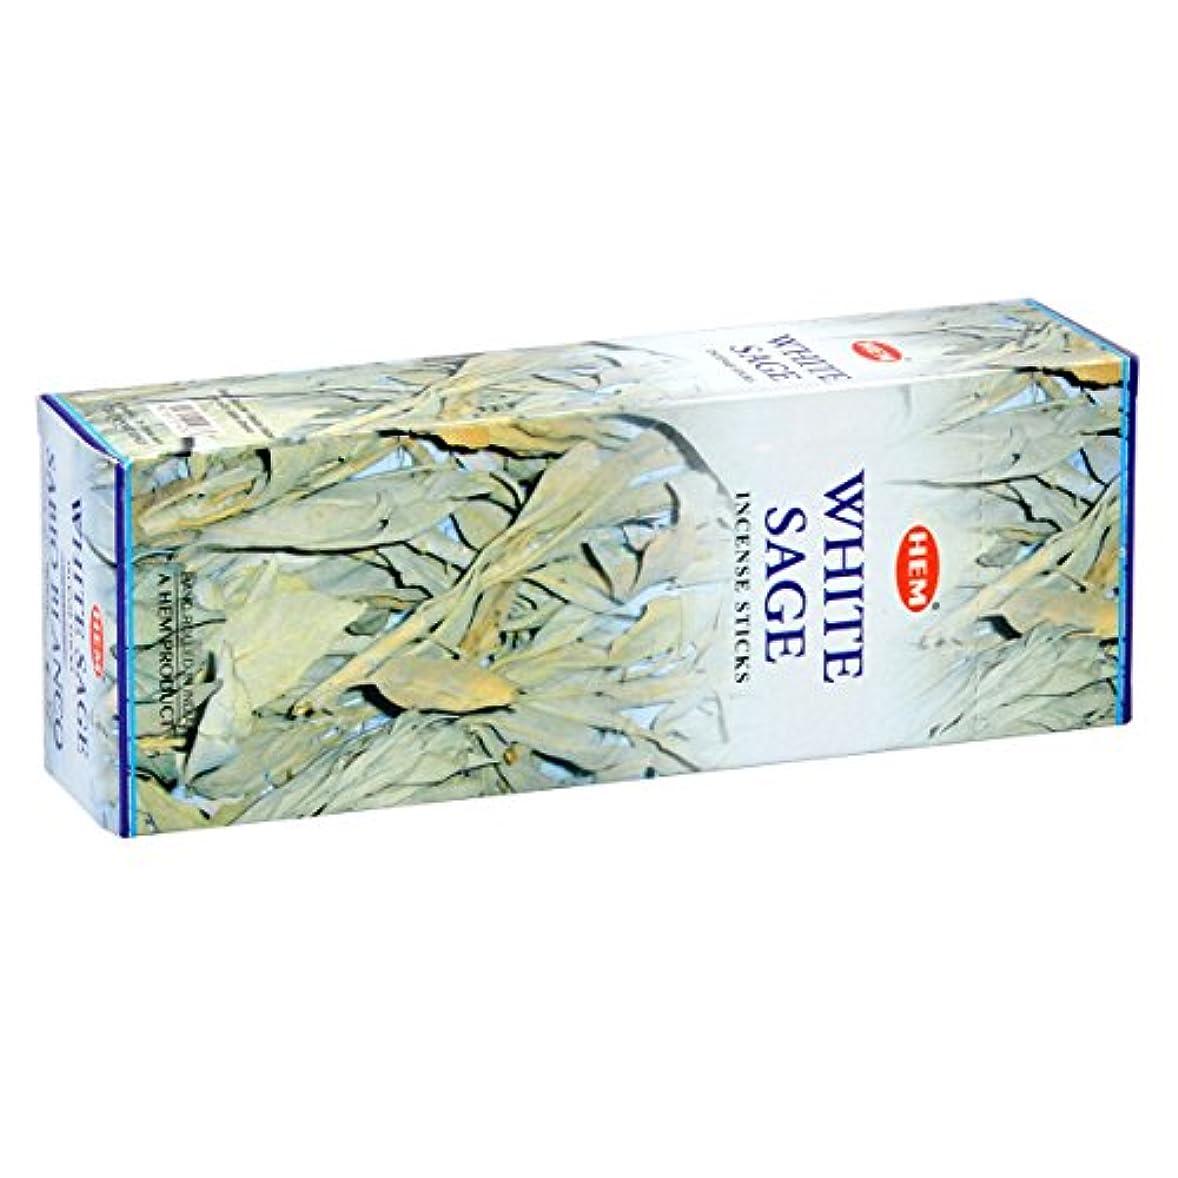 眠っているファンタジーファンタジーHEM(ヘム) ホワイト セージ WHITE SAGE スティックタイプ お香 6筒 セット [並行輸入品]